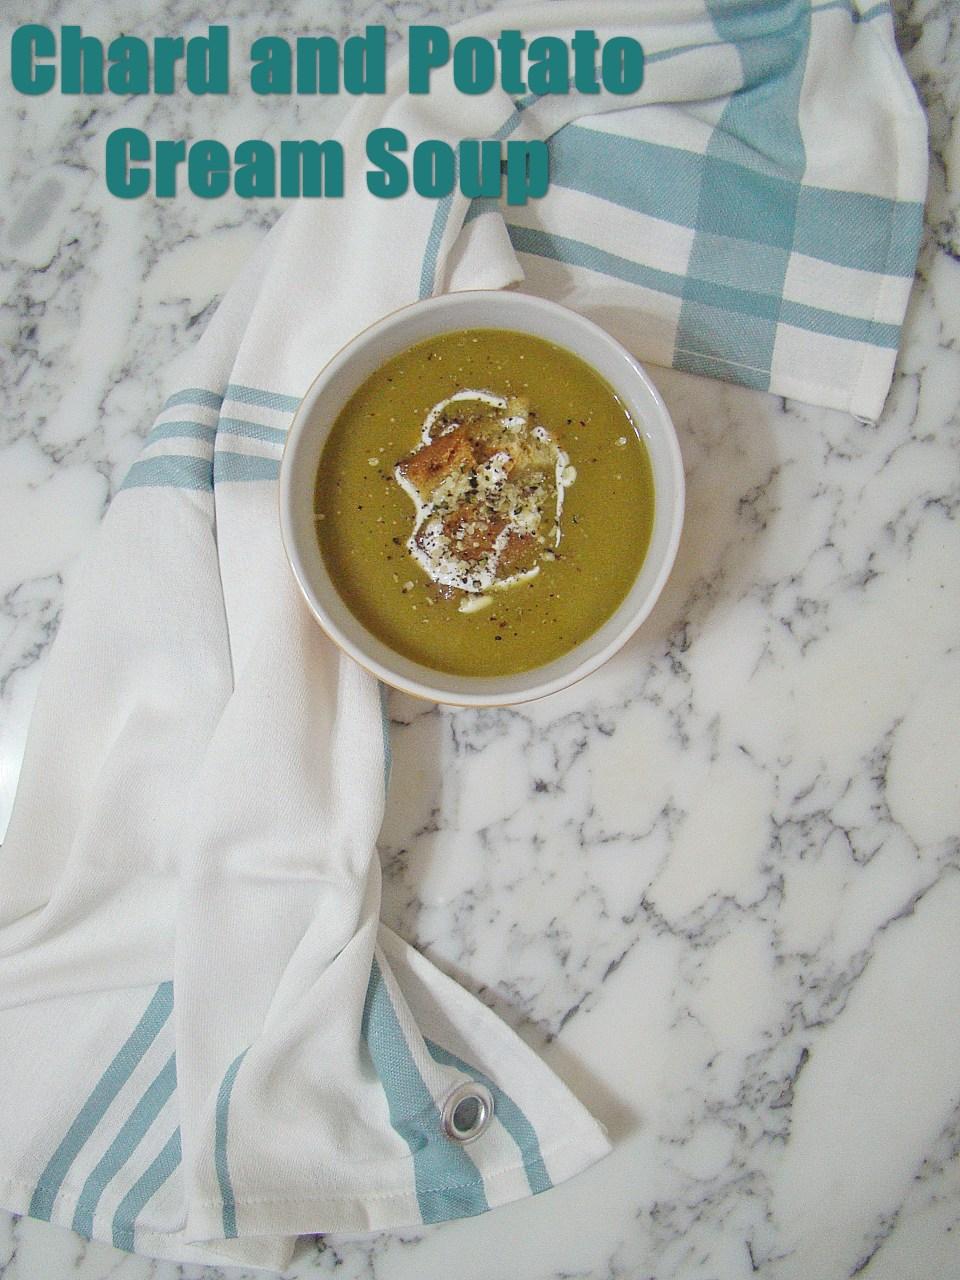 chard-and-potato-cream-soup